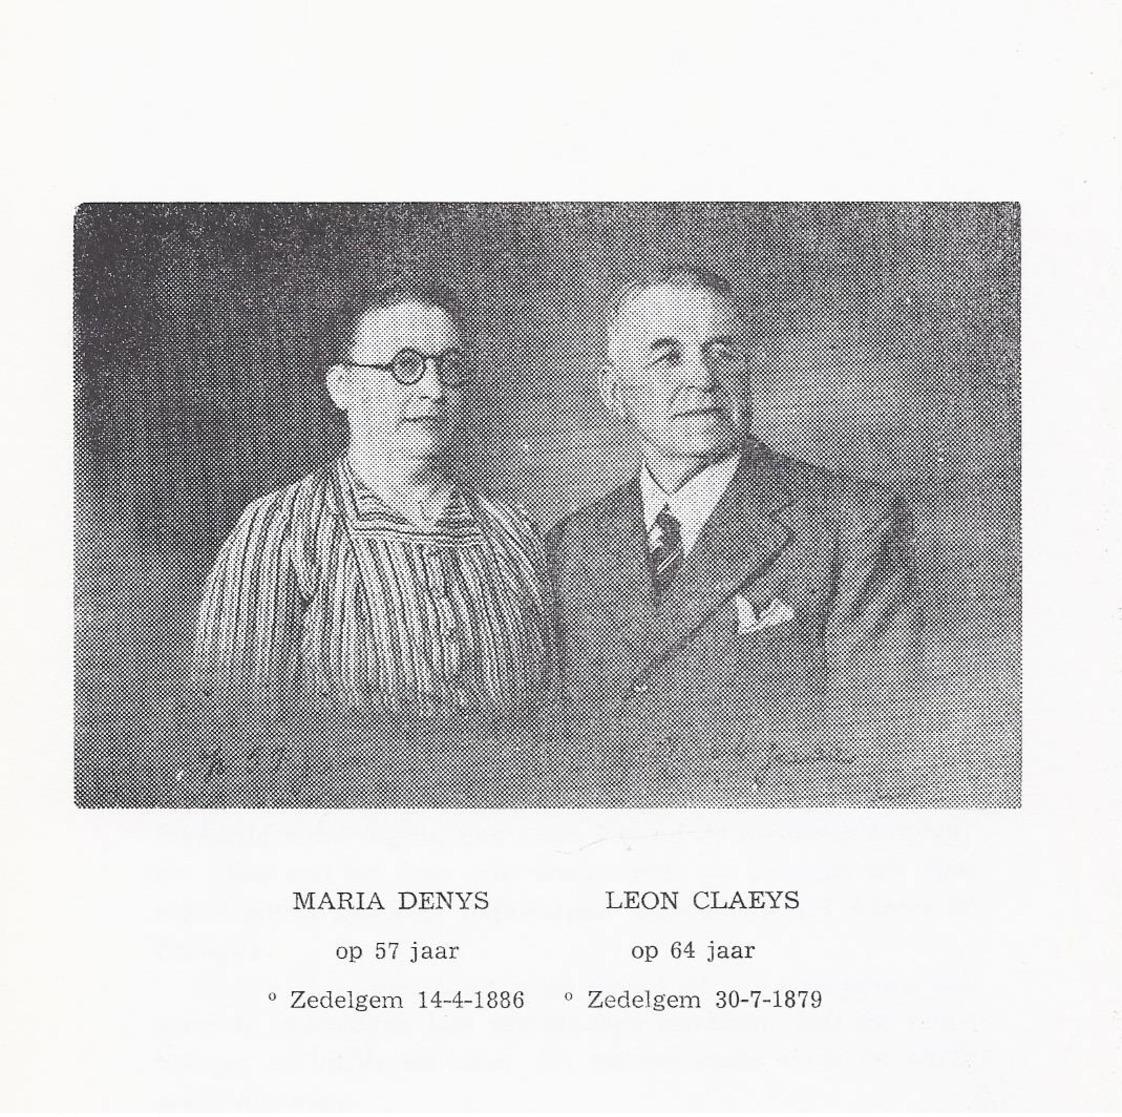 ZELDZAAM ZEDELGEM 1960 WERKLUST EN WELSTAND GESCHIEDENIS DER ZEDELGEMSE NIJVERHEID EN HAAR PIONIER LEON CLAEYS DENYS GET - Histoire